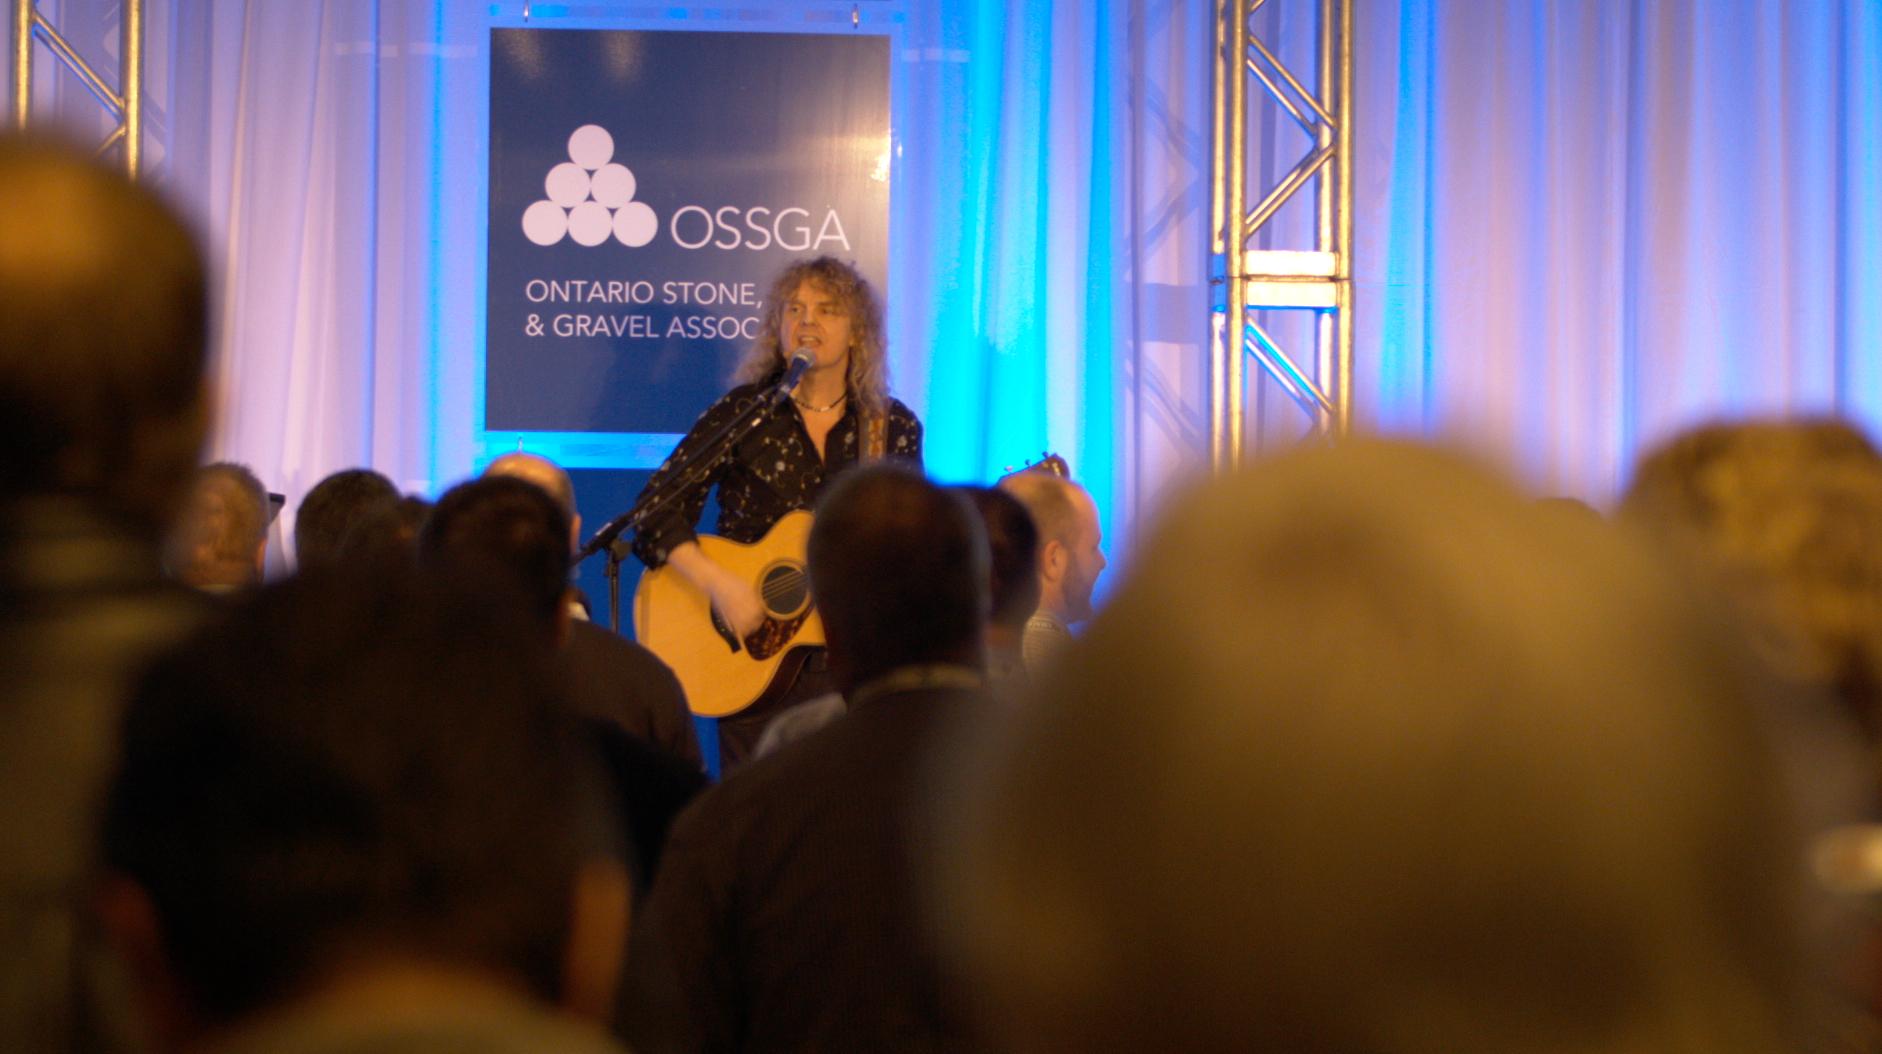 Carl at OSSGA 2015